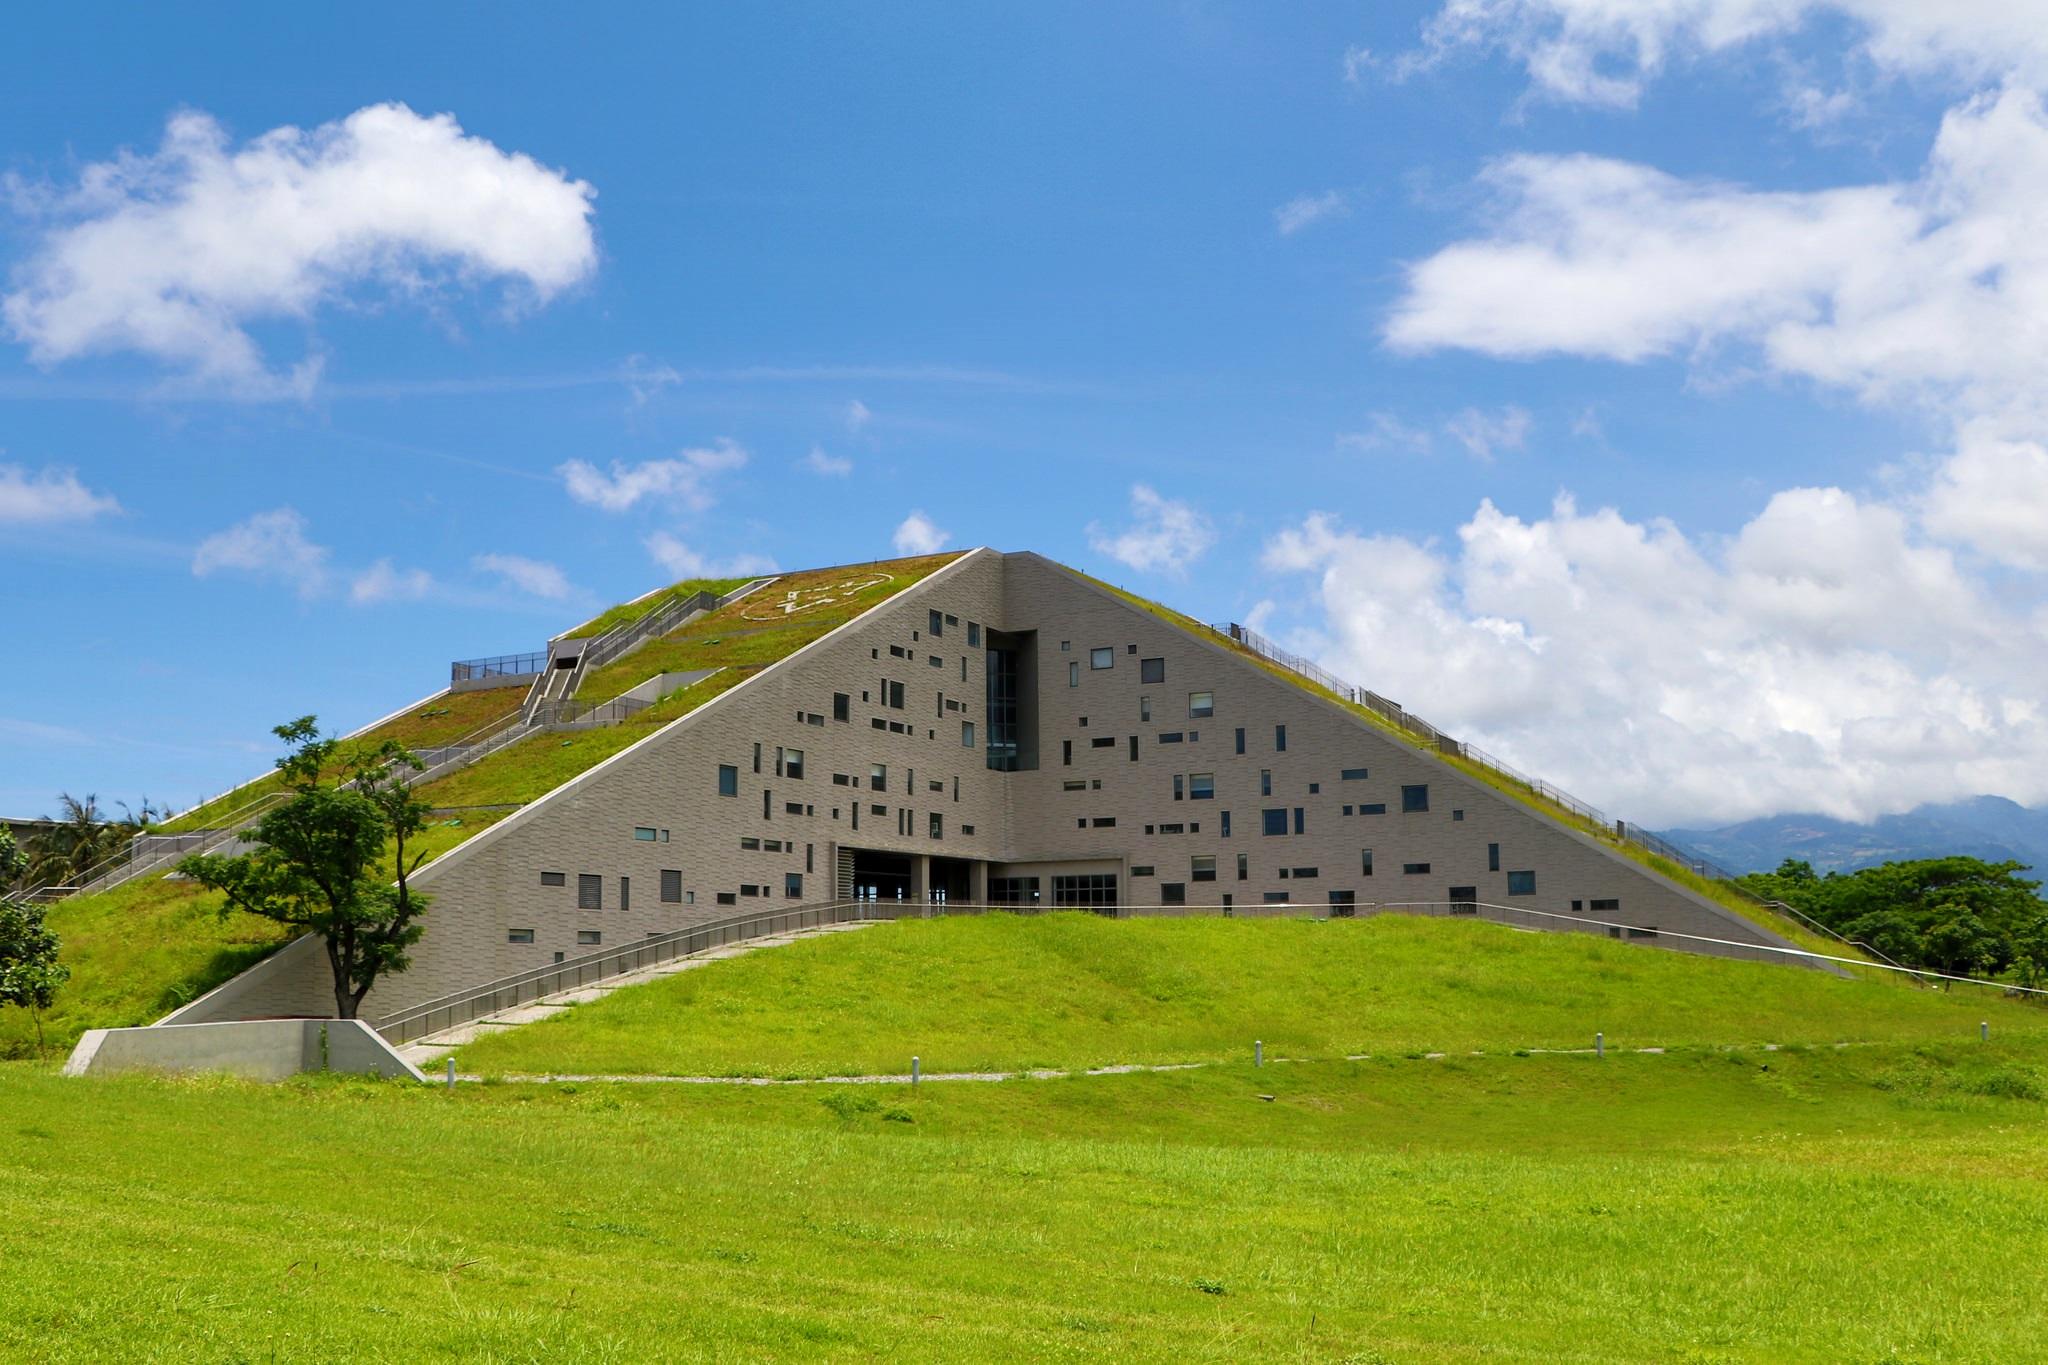 這個外觀呈現獨特三角金字塔的建築,就是聞名國際的台東大學圖書館。(Flickr授權作者-Uming Photography)